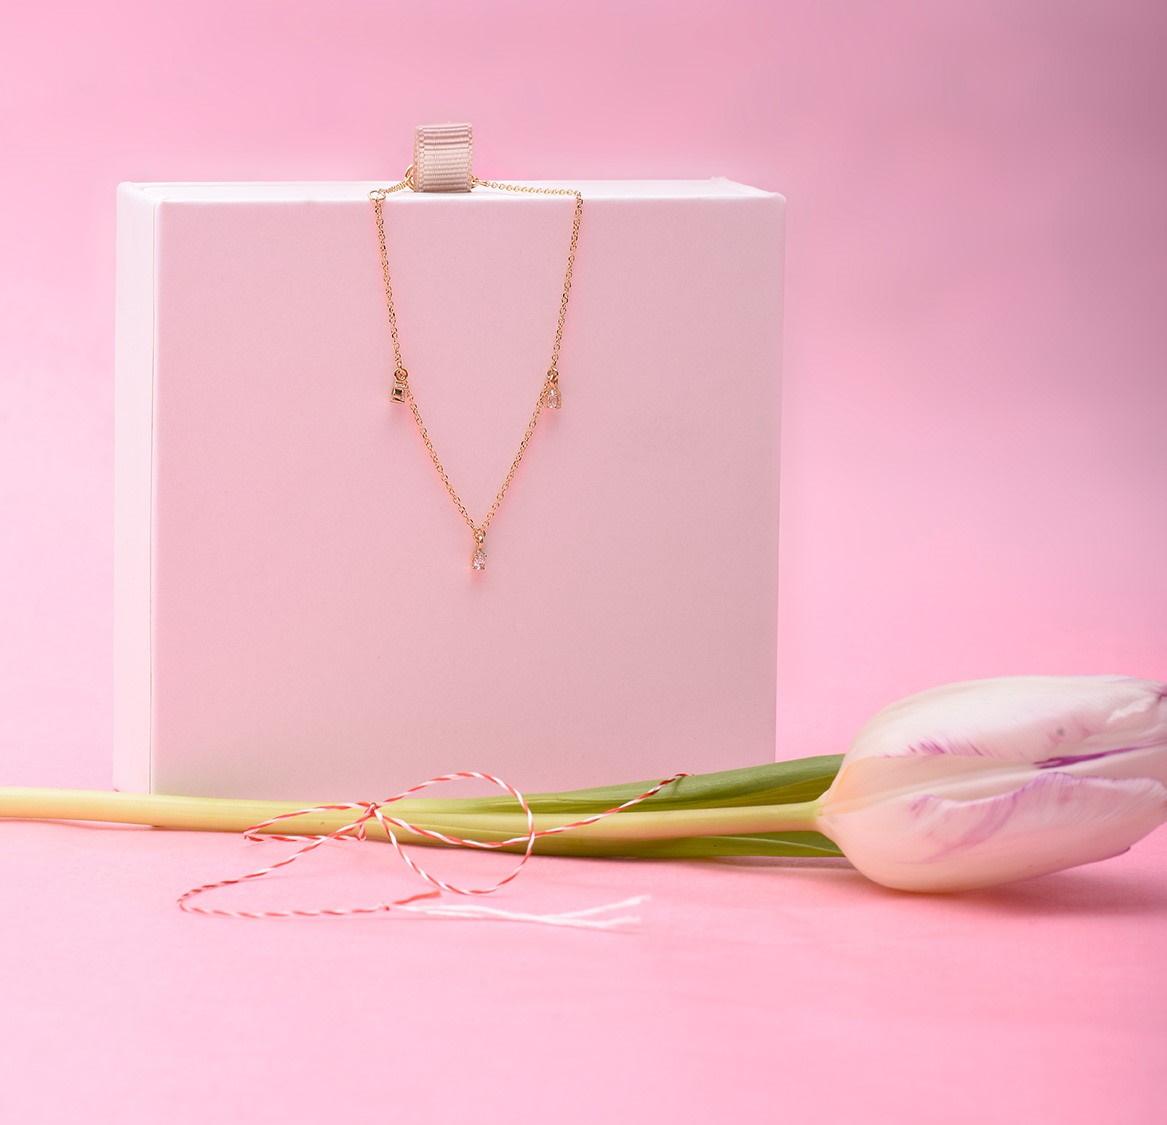 Aranjament pe fundal roz cu șnur de mărțișor, lalea și brățară din aur